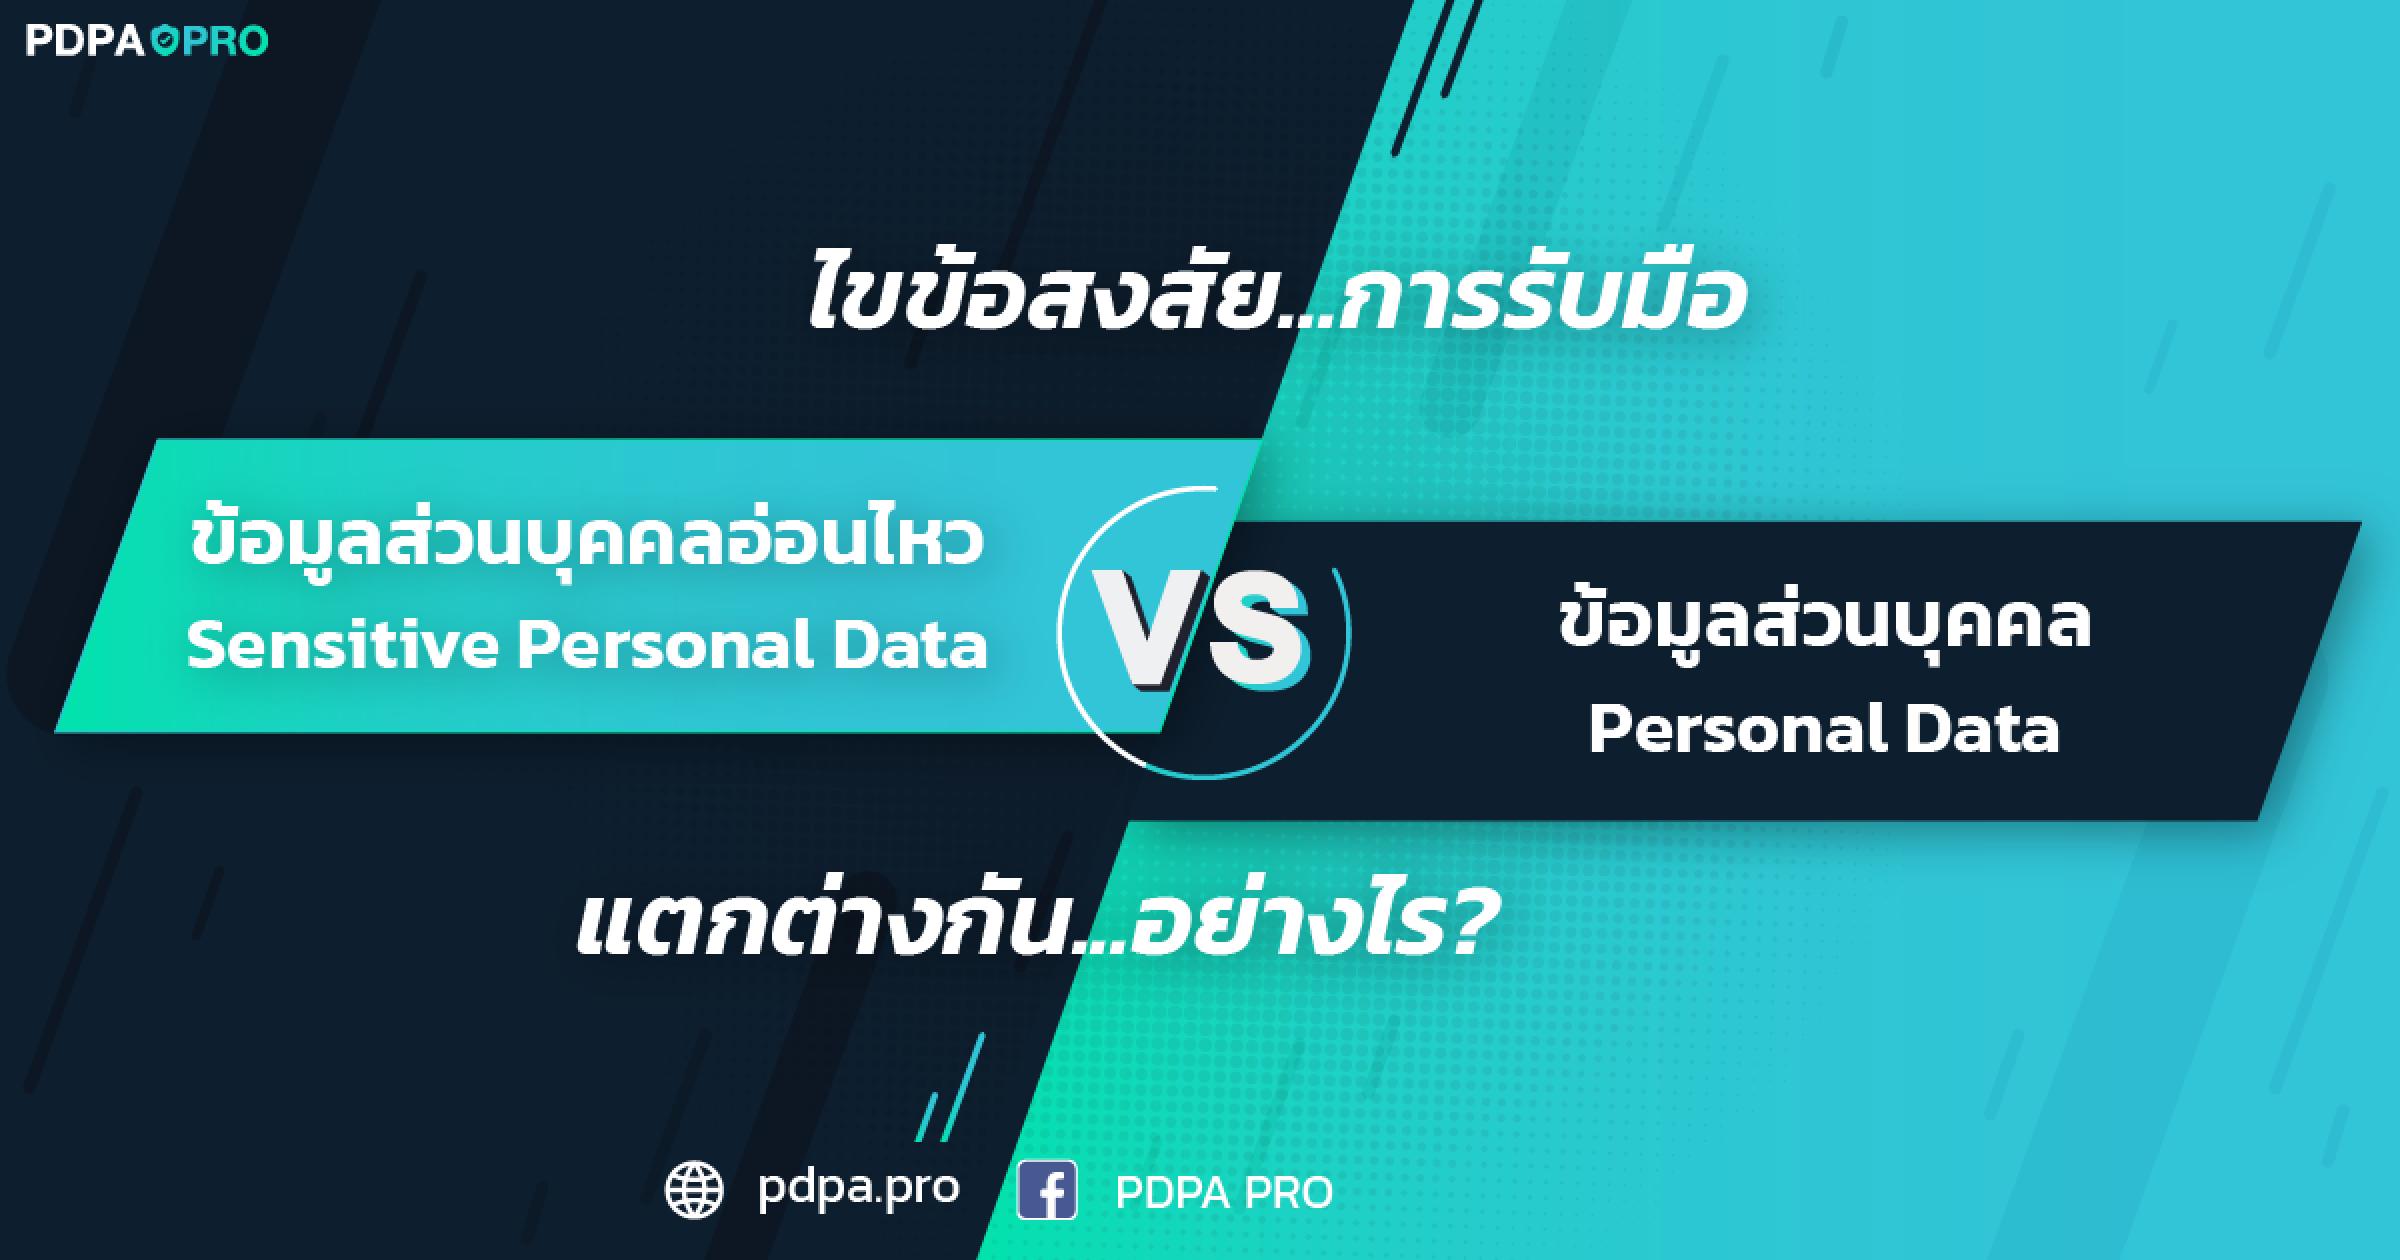 ไขข้อสงสัย การรับมือข้อมูลอ่อนไหว (Sensitive Data) กับข้อมูลส่วนบุคคลธรรมดา แตกต่างกันอย่างไร?